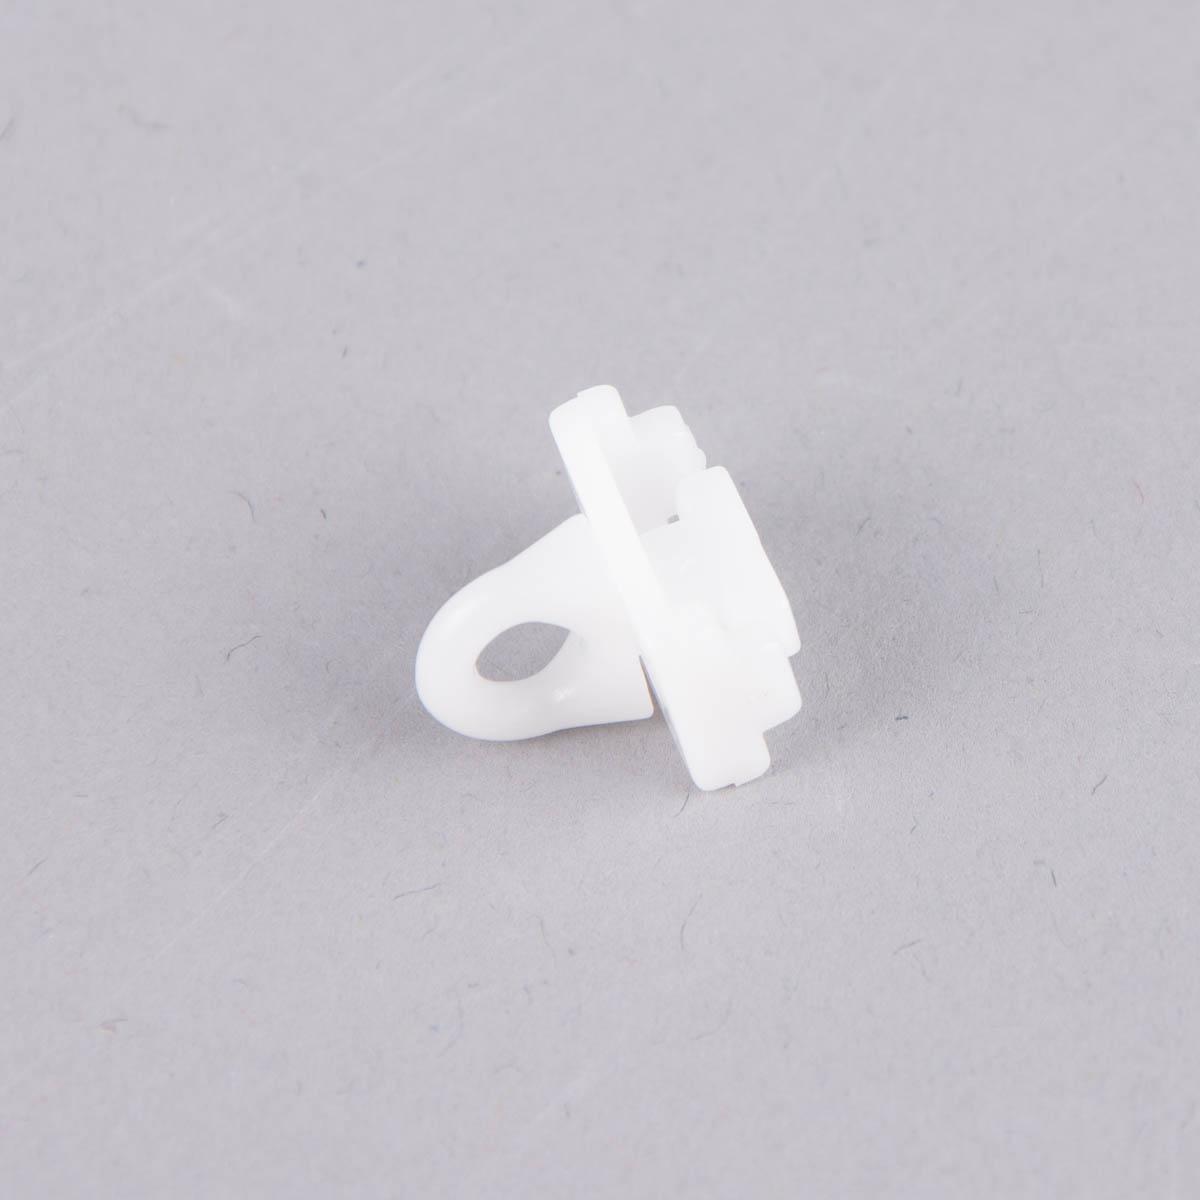 Feststeller für 16mm/20mm 4 Stück weiß Kunststoff